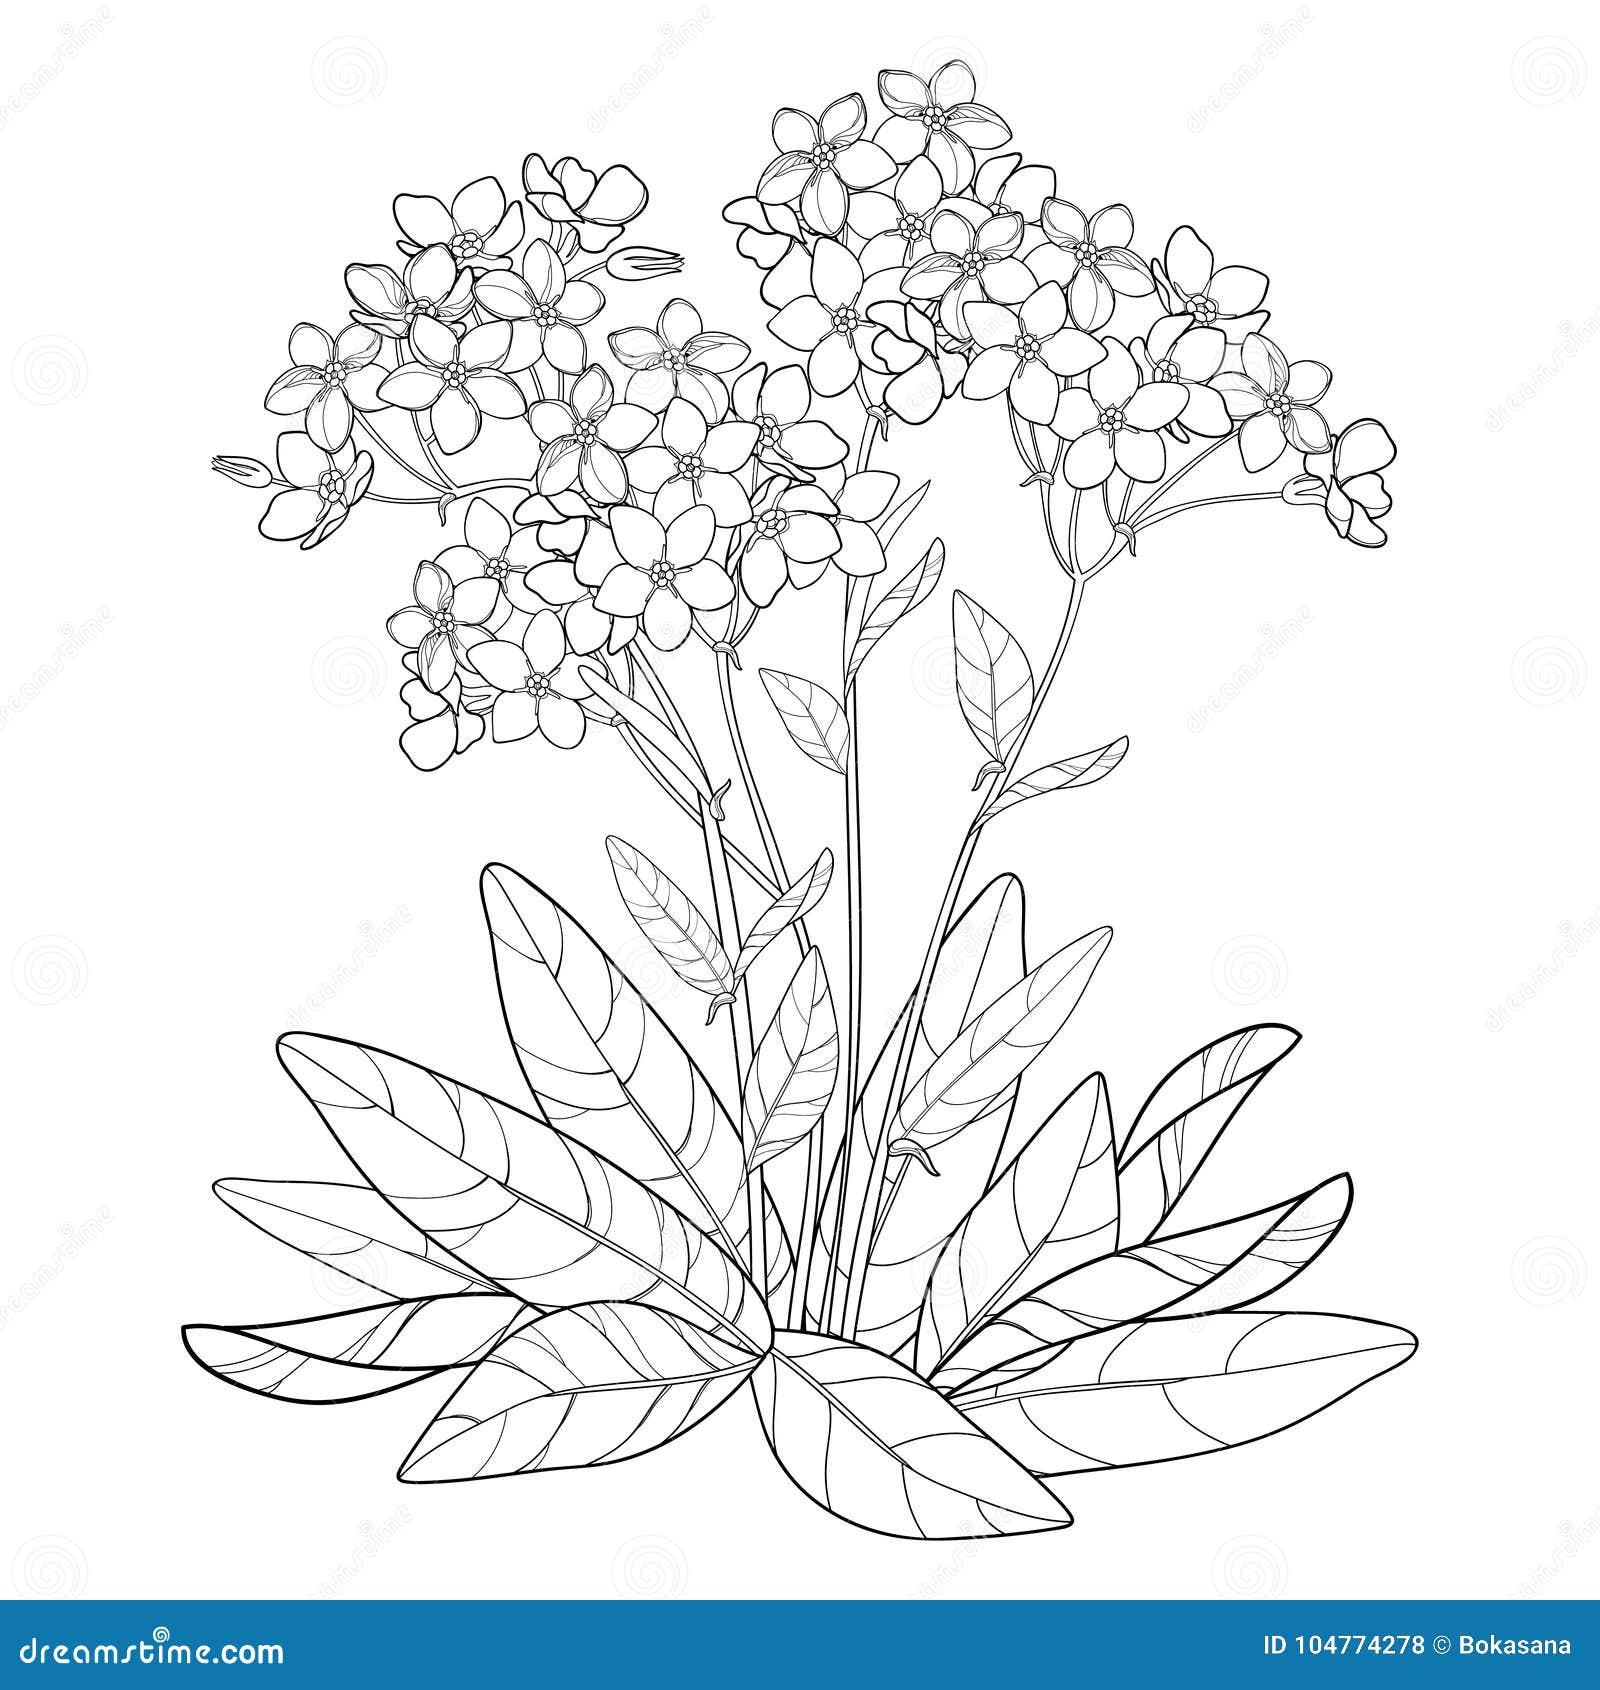 Coloriage Fleur Myosotis.Le Bouquet De Vecteur Avec Le Contour M Oublient Pas Ou Fleur De